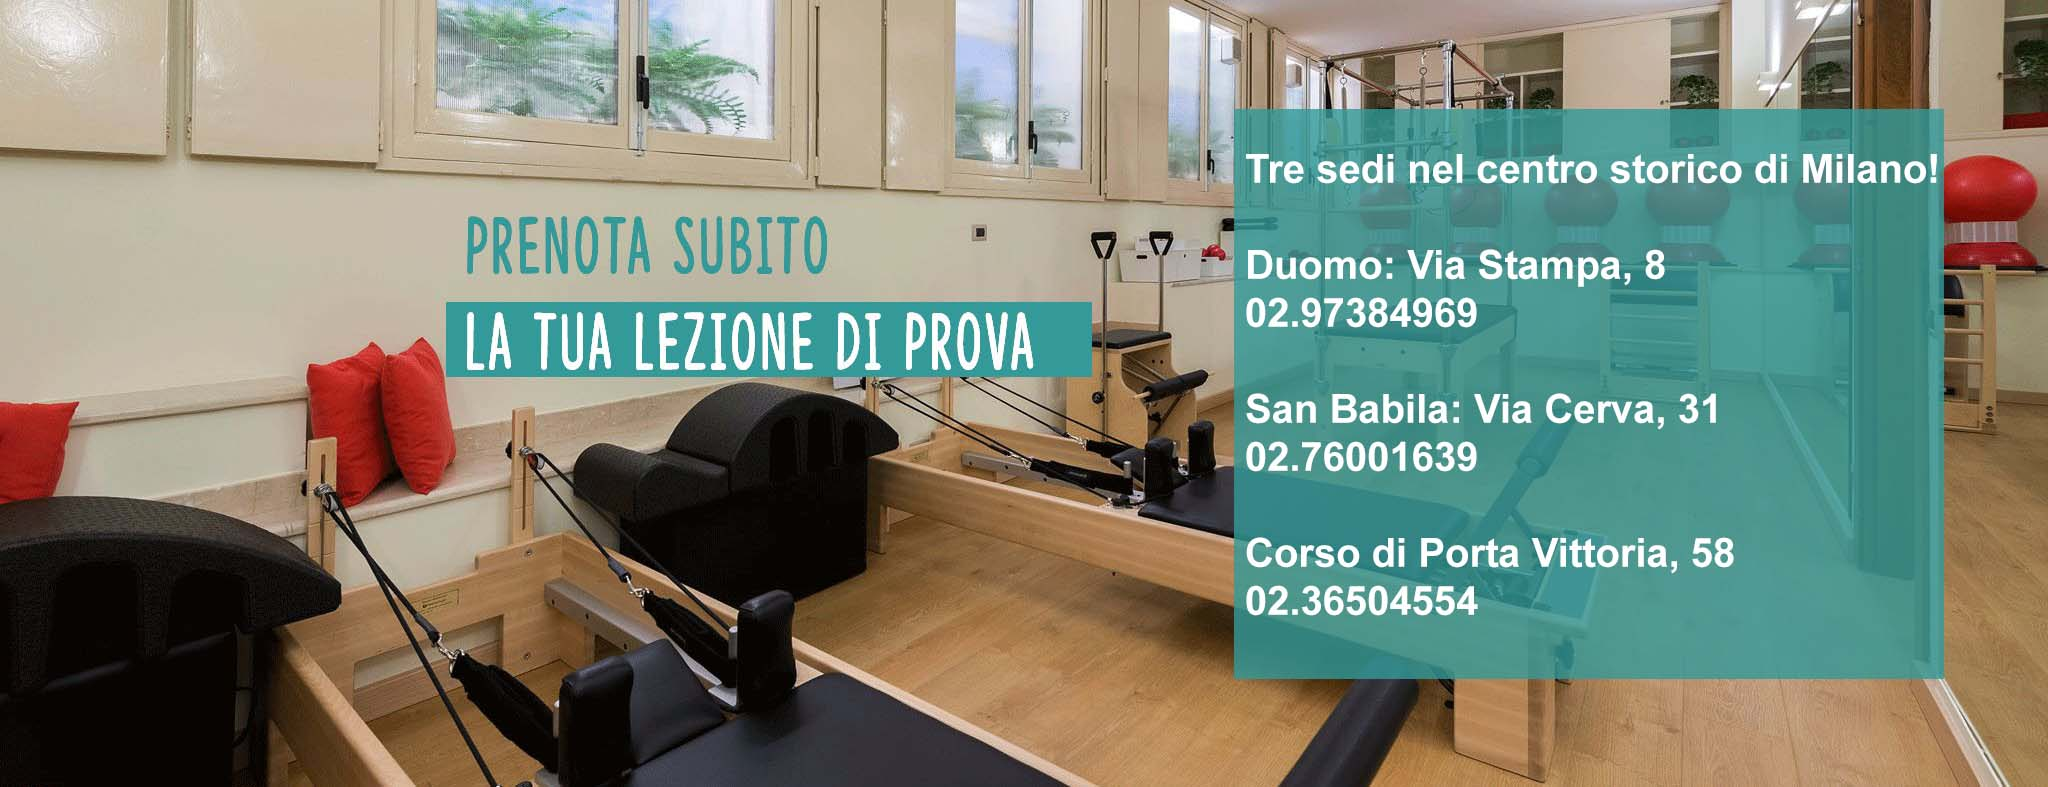 Corsi Di Pilates Navigli Milano - Prenota subito la tua lezione di prova